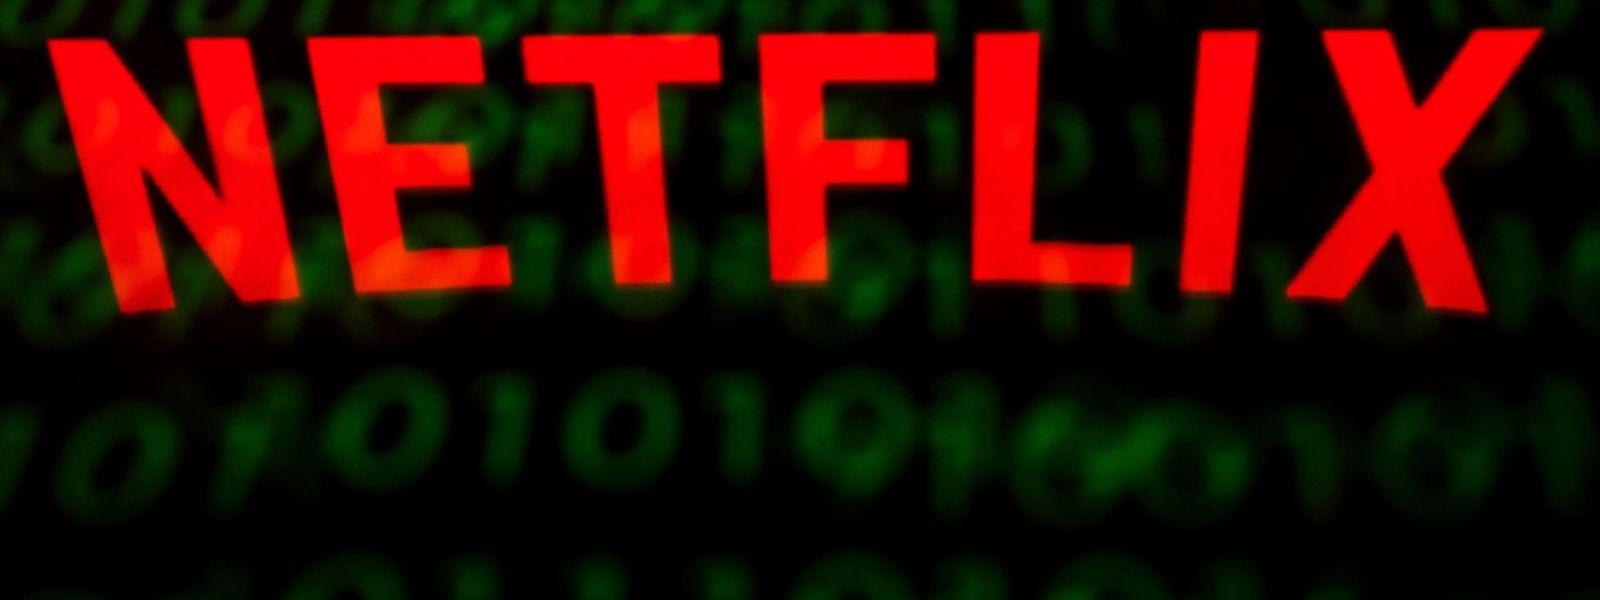 Der Streaming-Gigant Netflix zählt weltweit 152 Millionen Nutzer. Allerdings stiegen die Abonnentenzahlen im zweiten Quartal nur schwach.